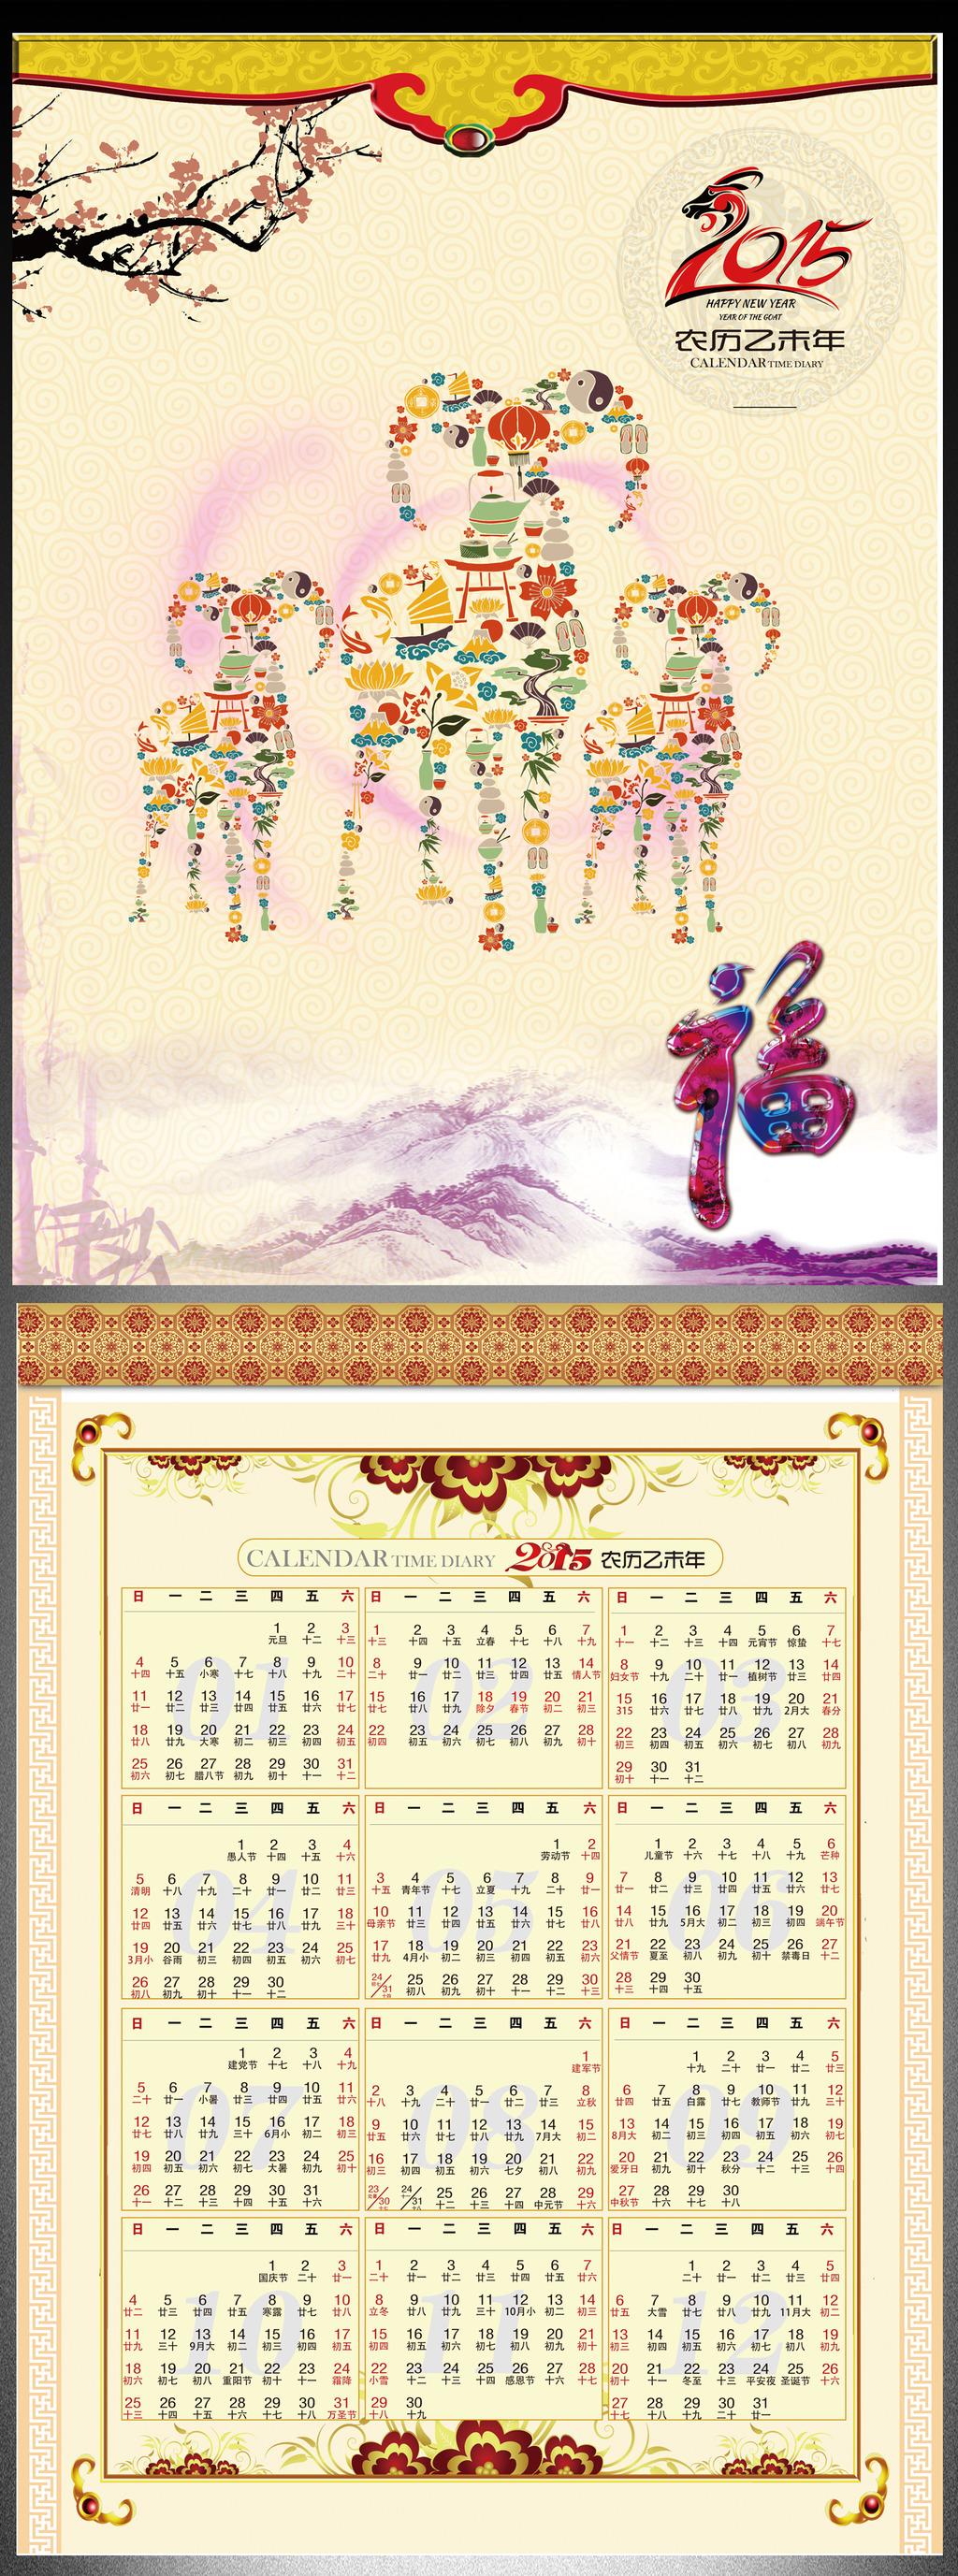 2015年羊年大吉日历年历台历挂历插画图片下载 淘宝天猫网店商场超市图片